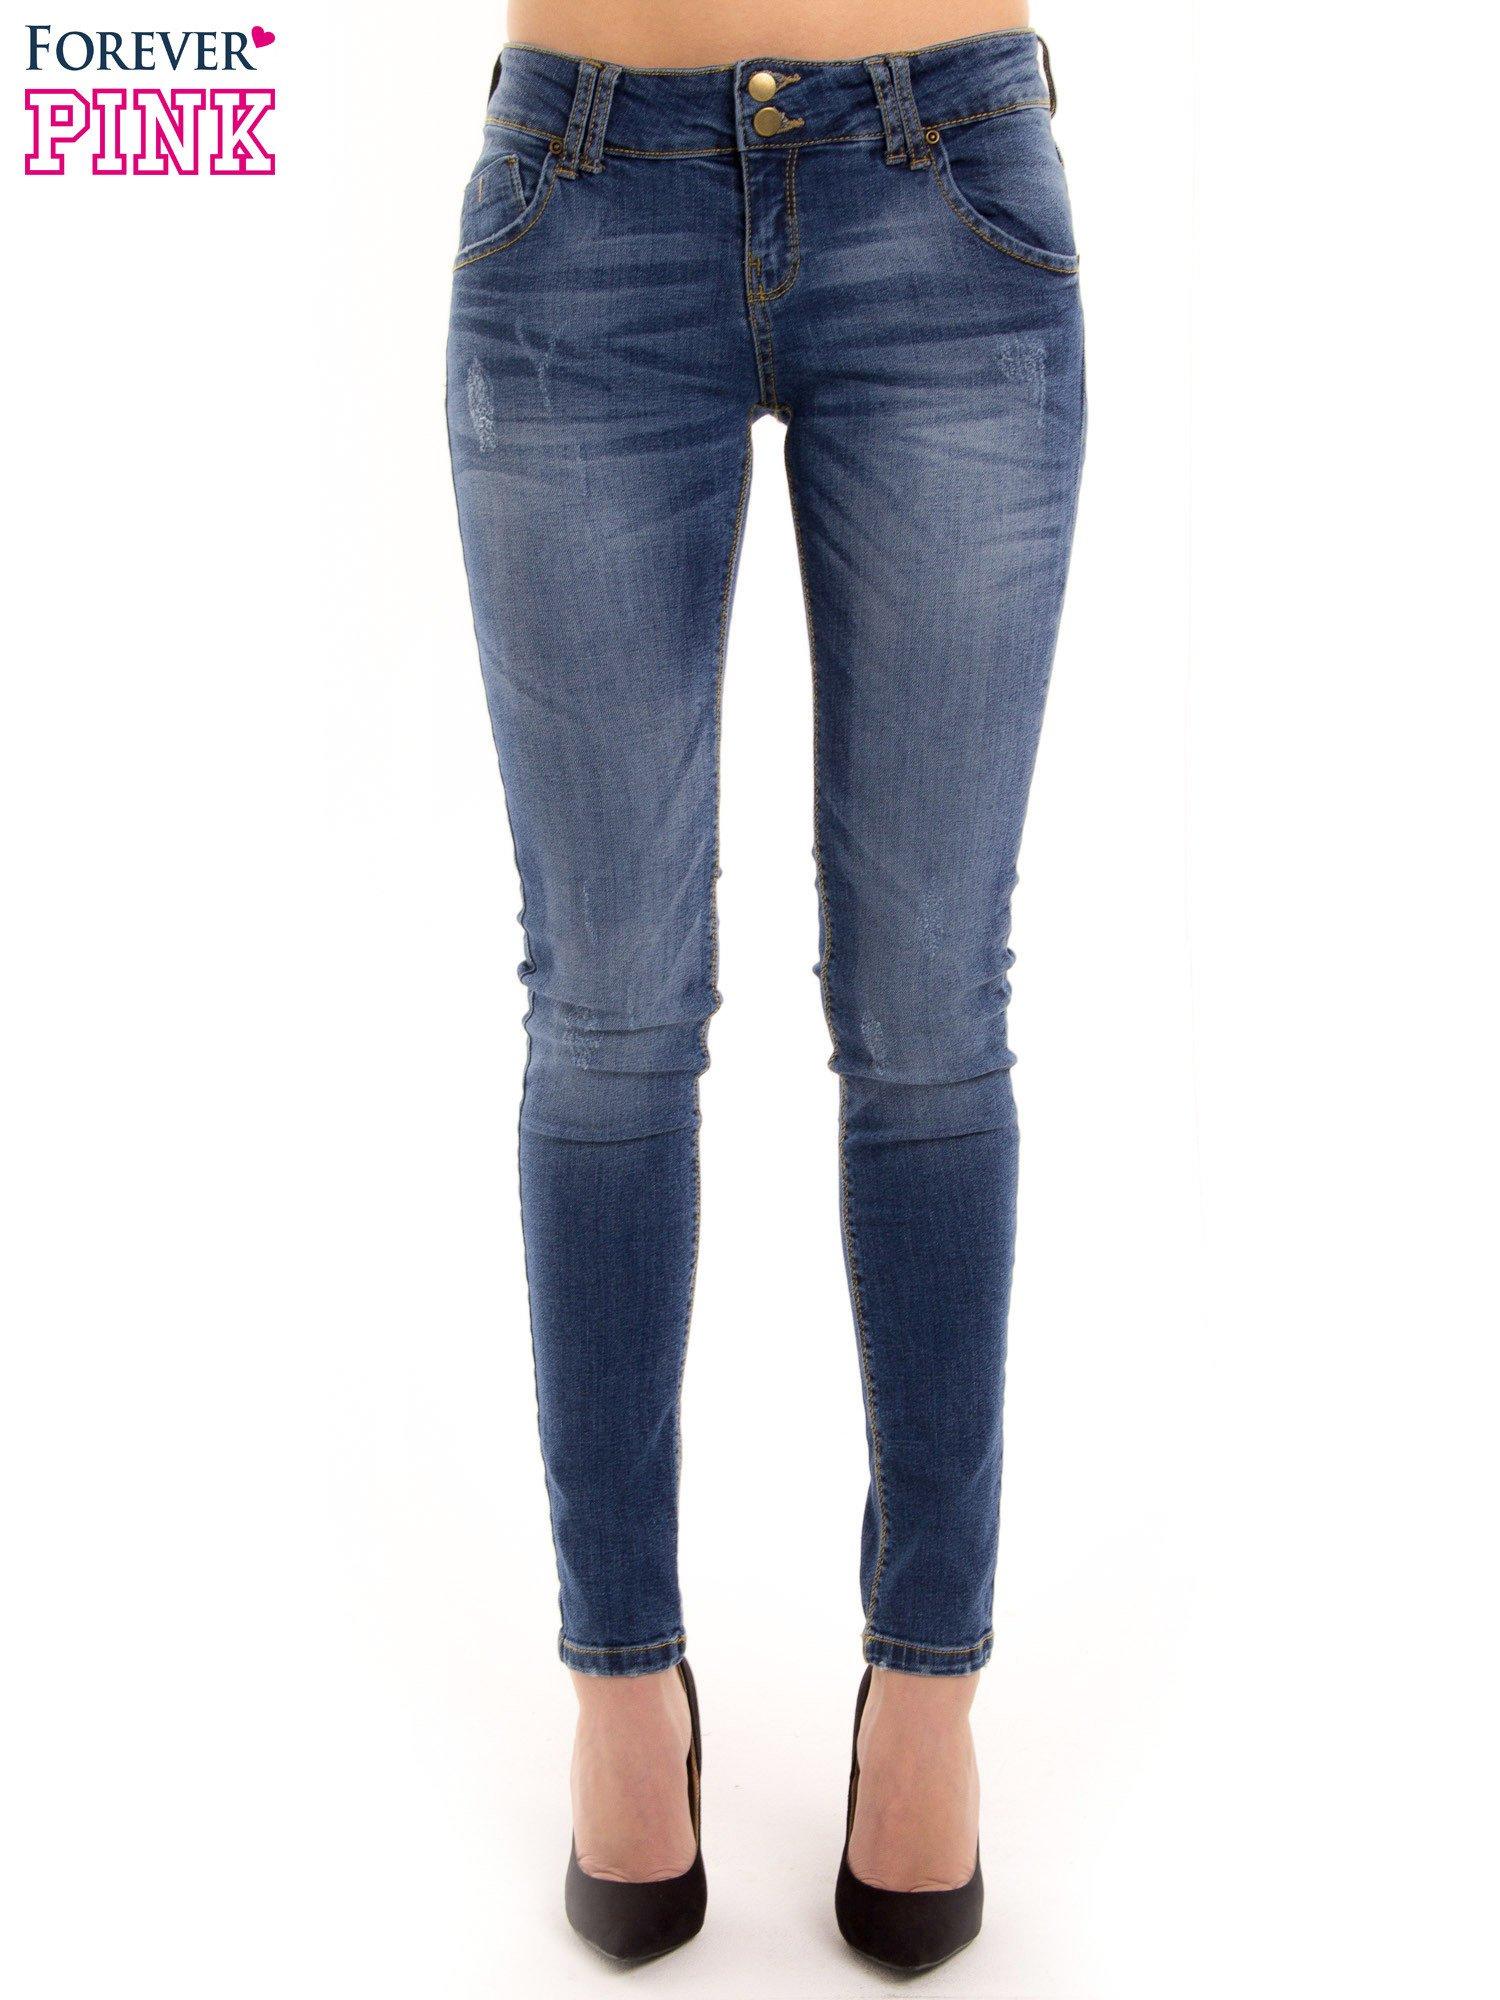 Ciemnieniebieskie jeansy biodrówki na dwa guziki                                  zdj.                                  2